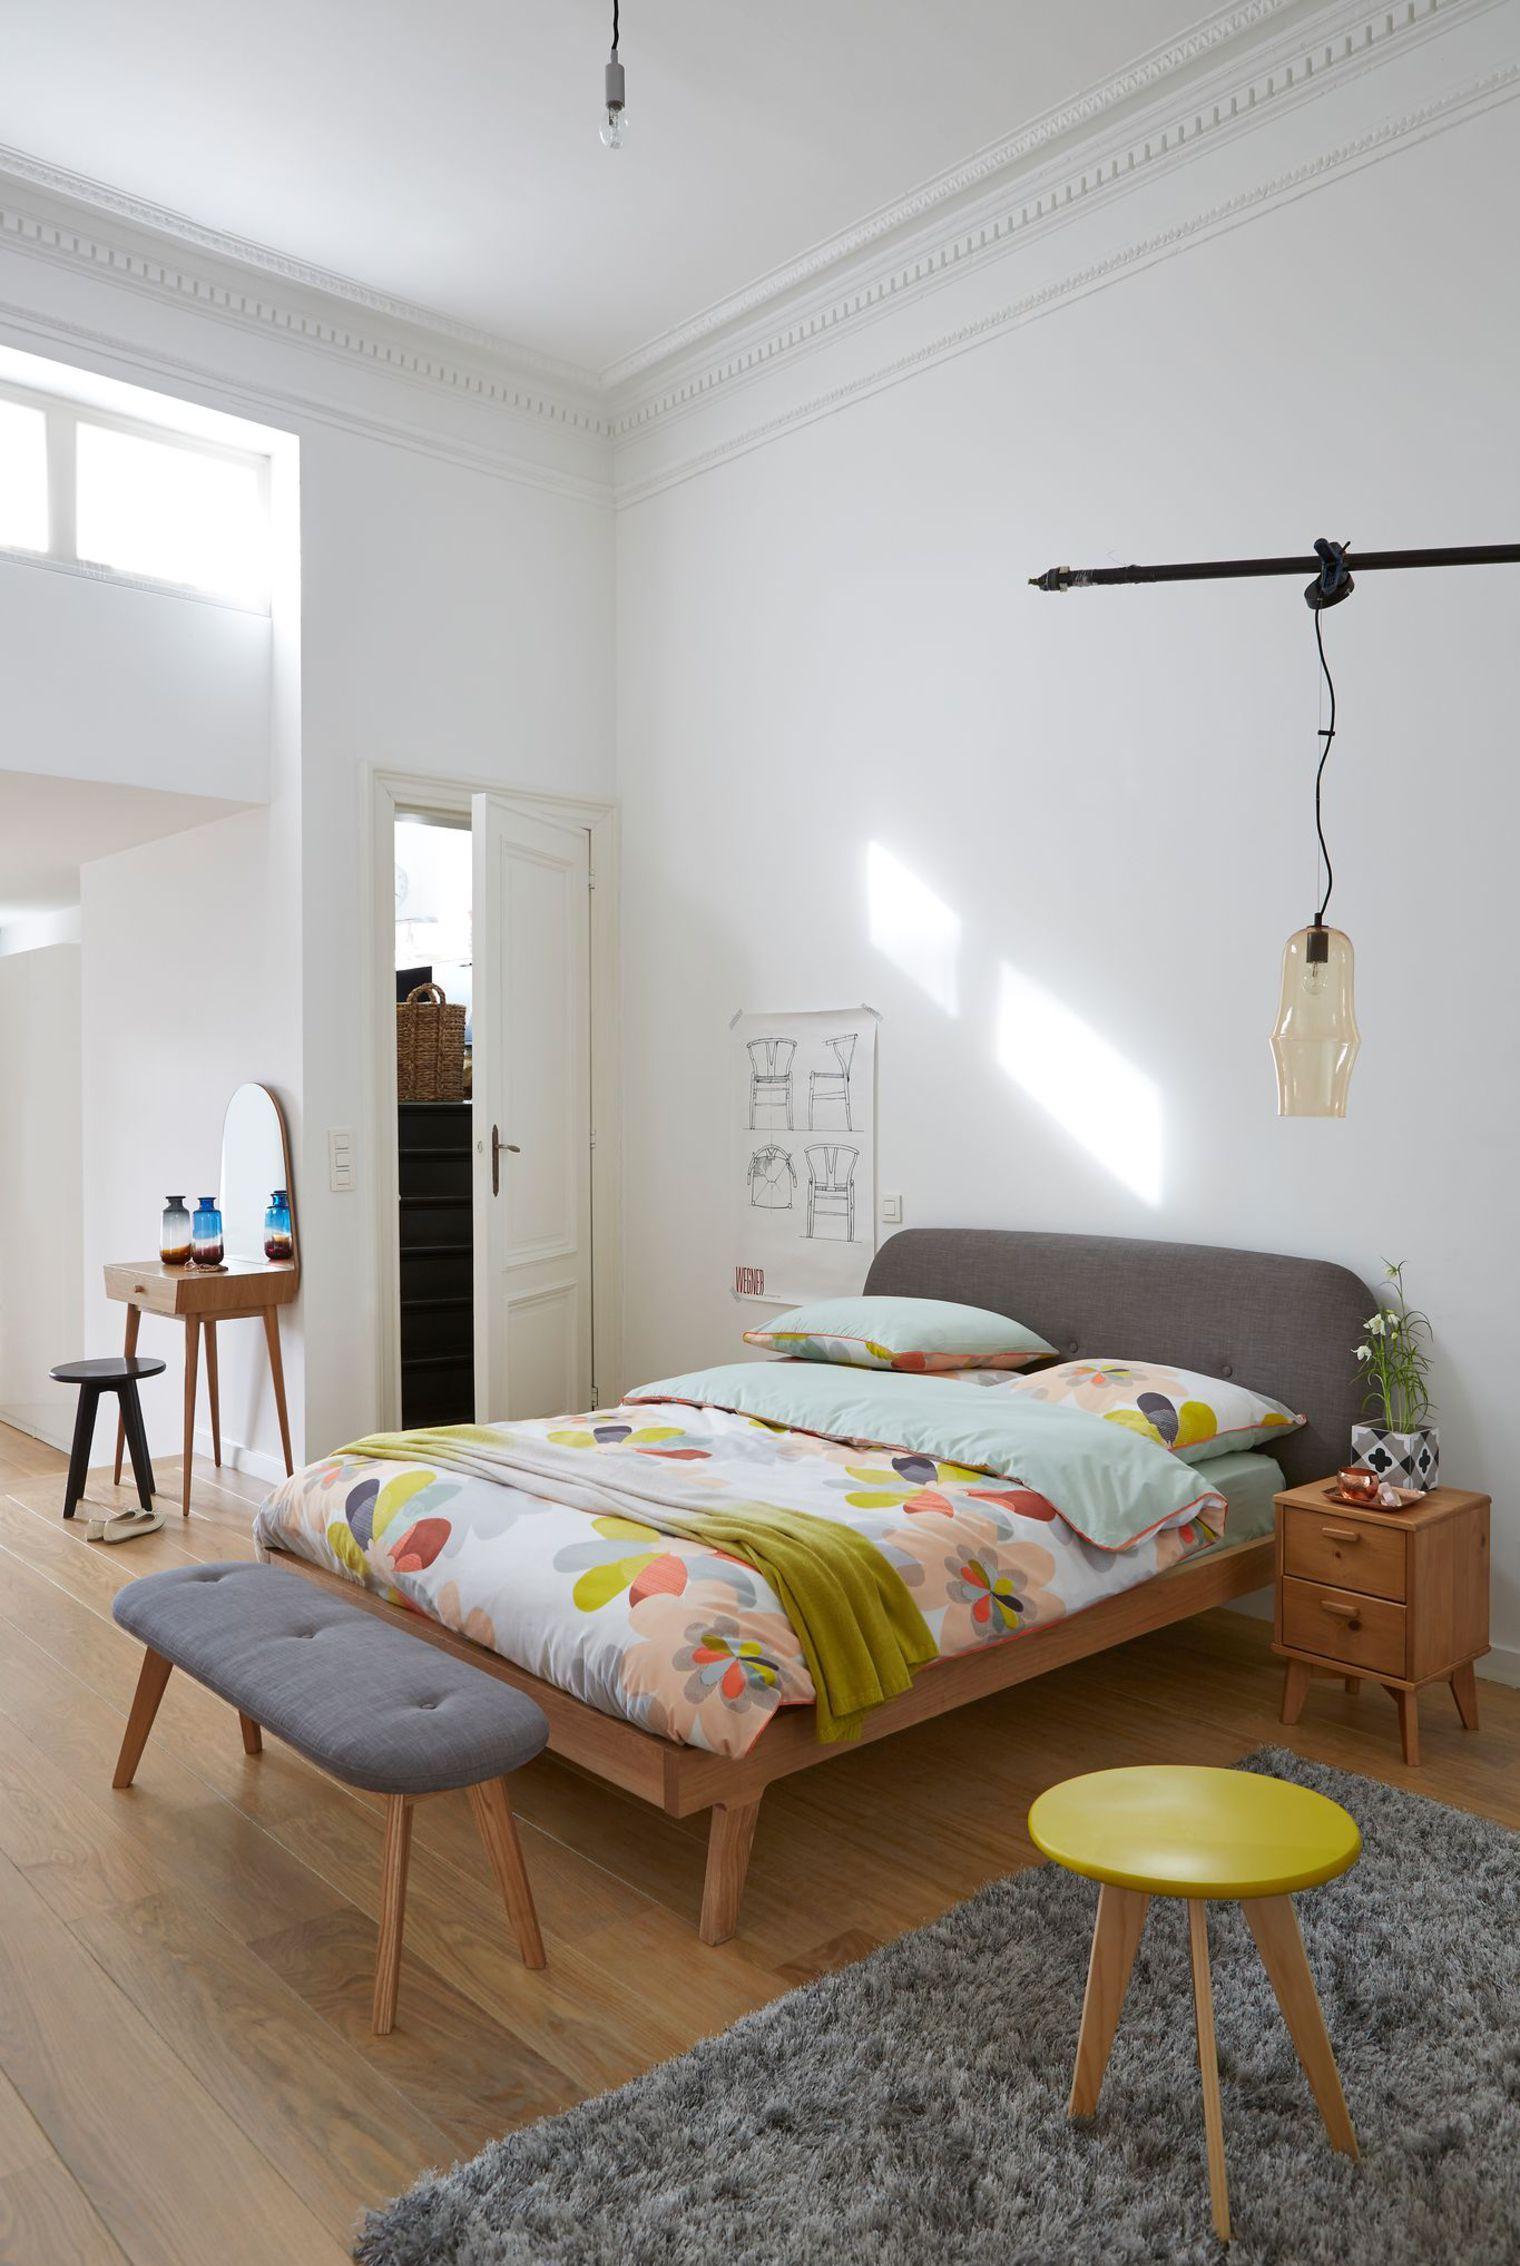 Дизайн спальни 18 кв м в стиле ретро